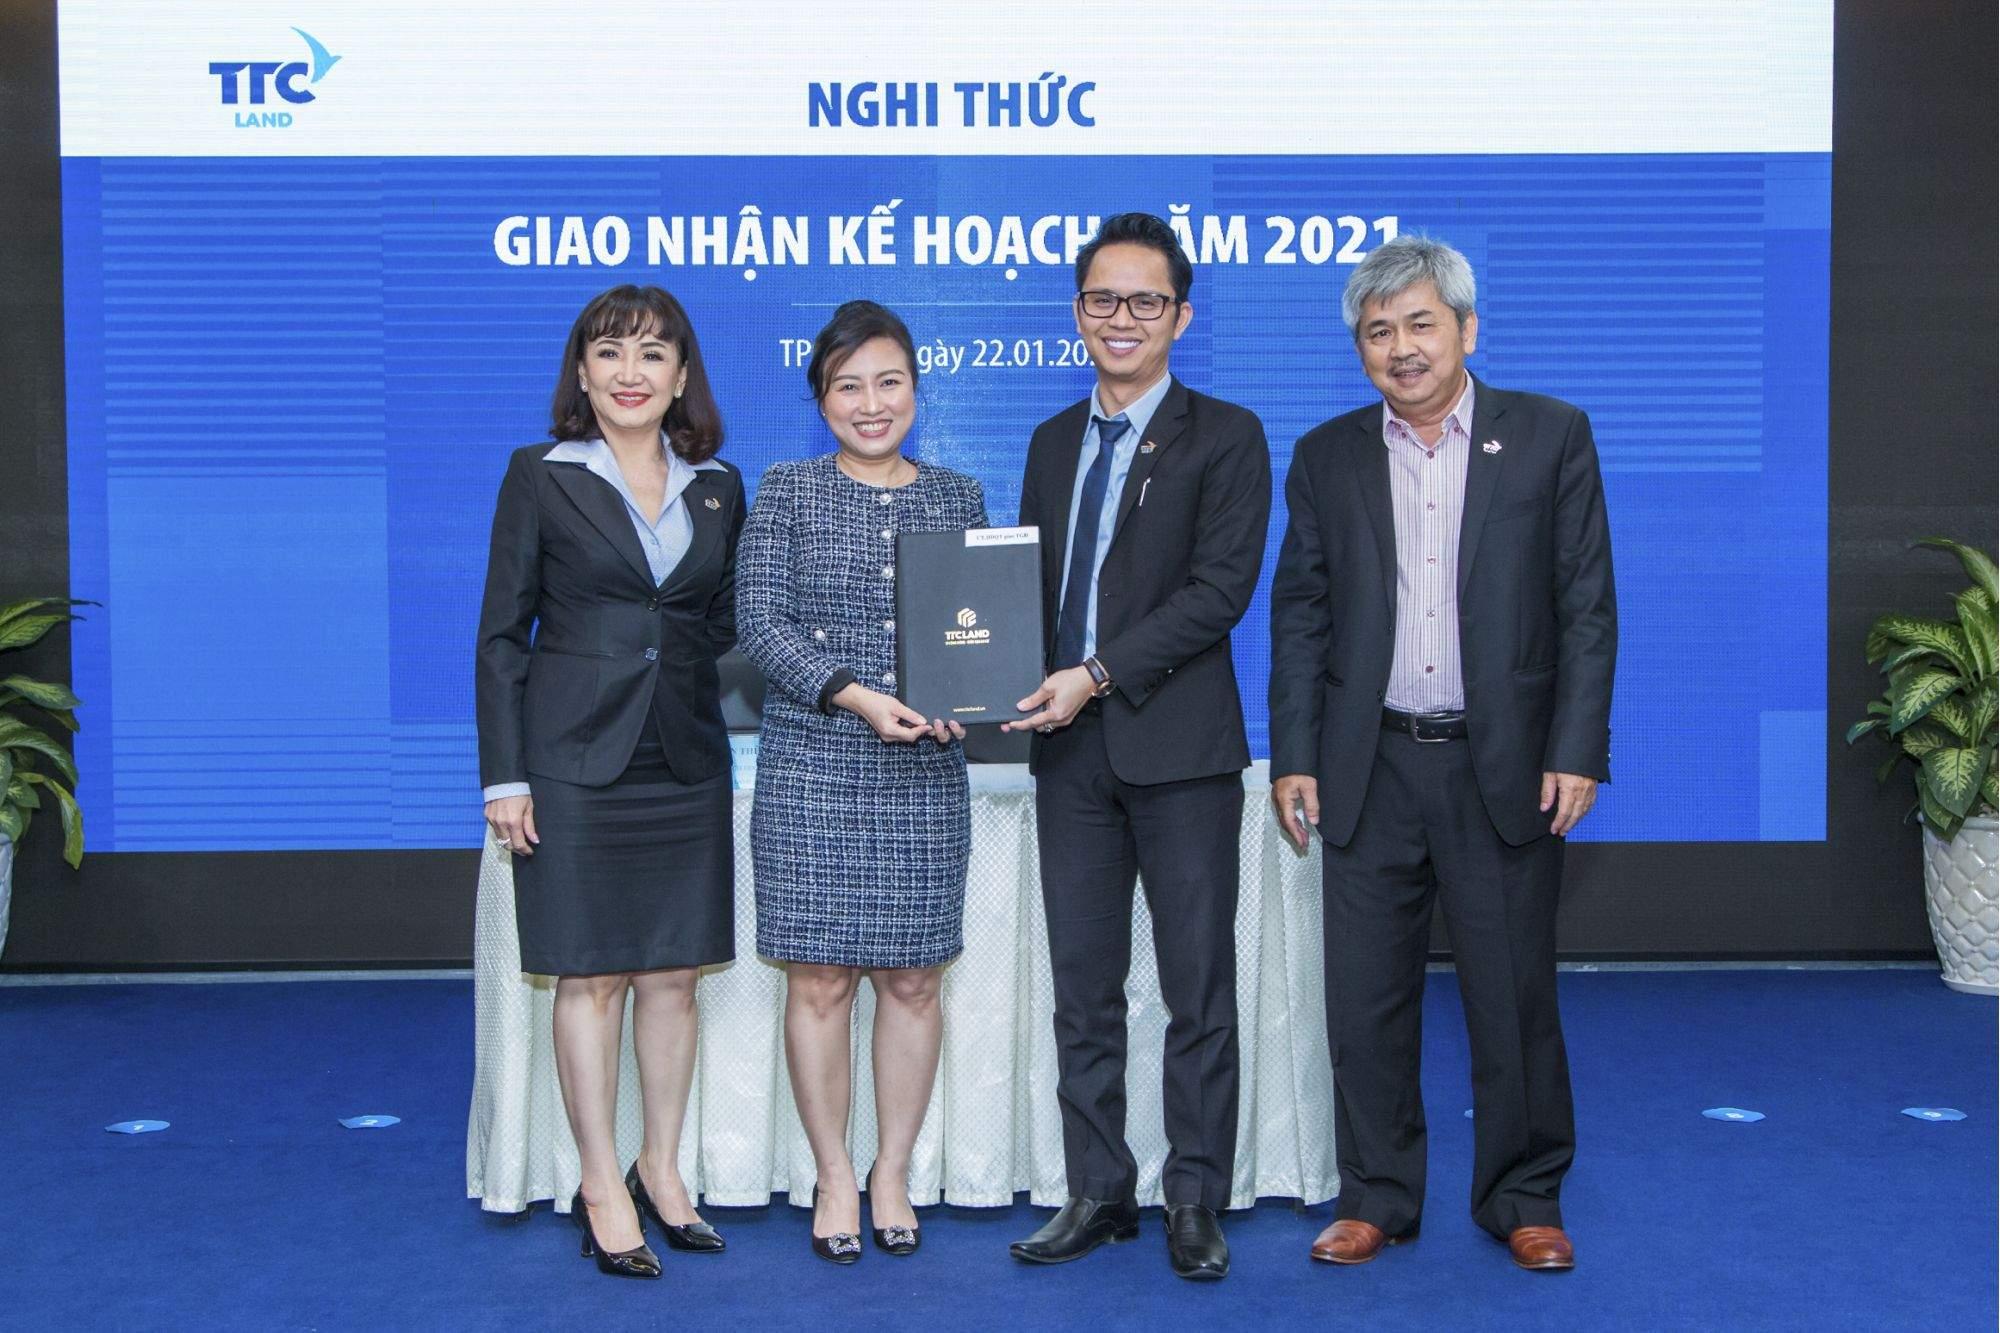 Sứ mệnh TTC Land trong 5 năm 2021-2025: Liên tục đổi mới để hoàn thiện